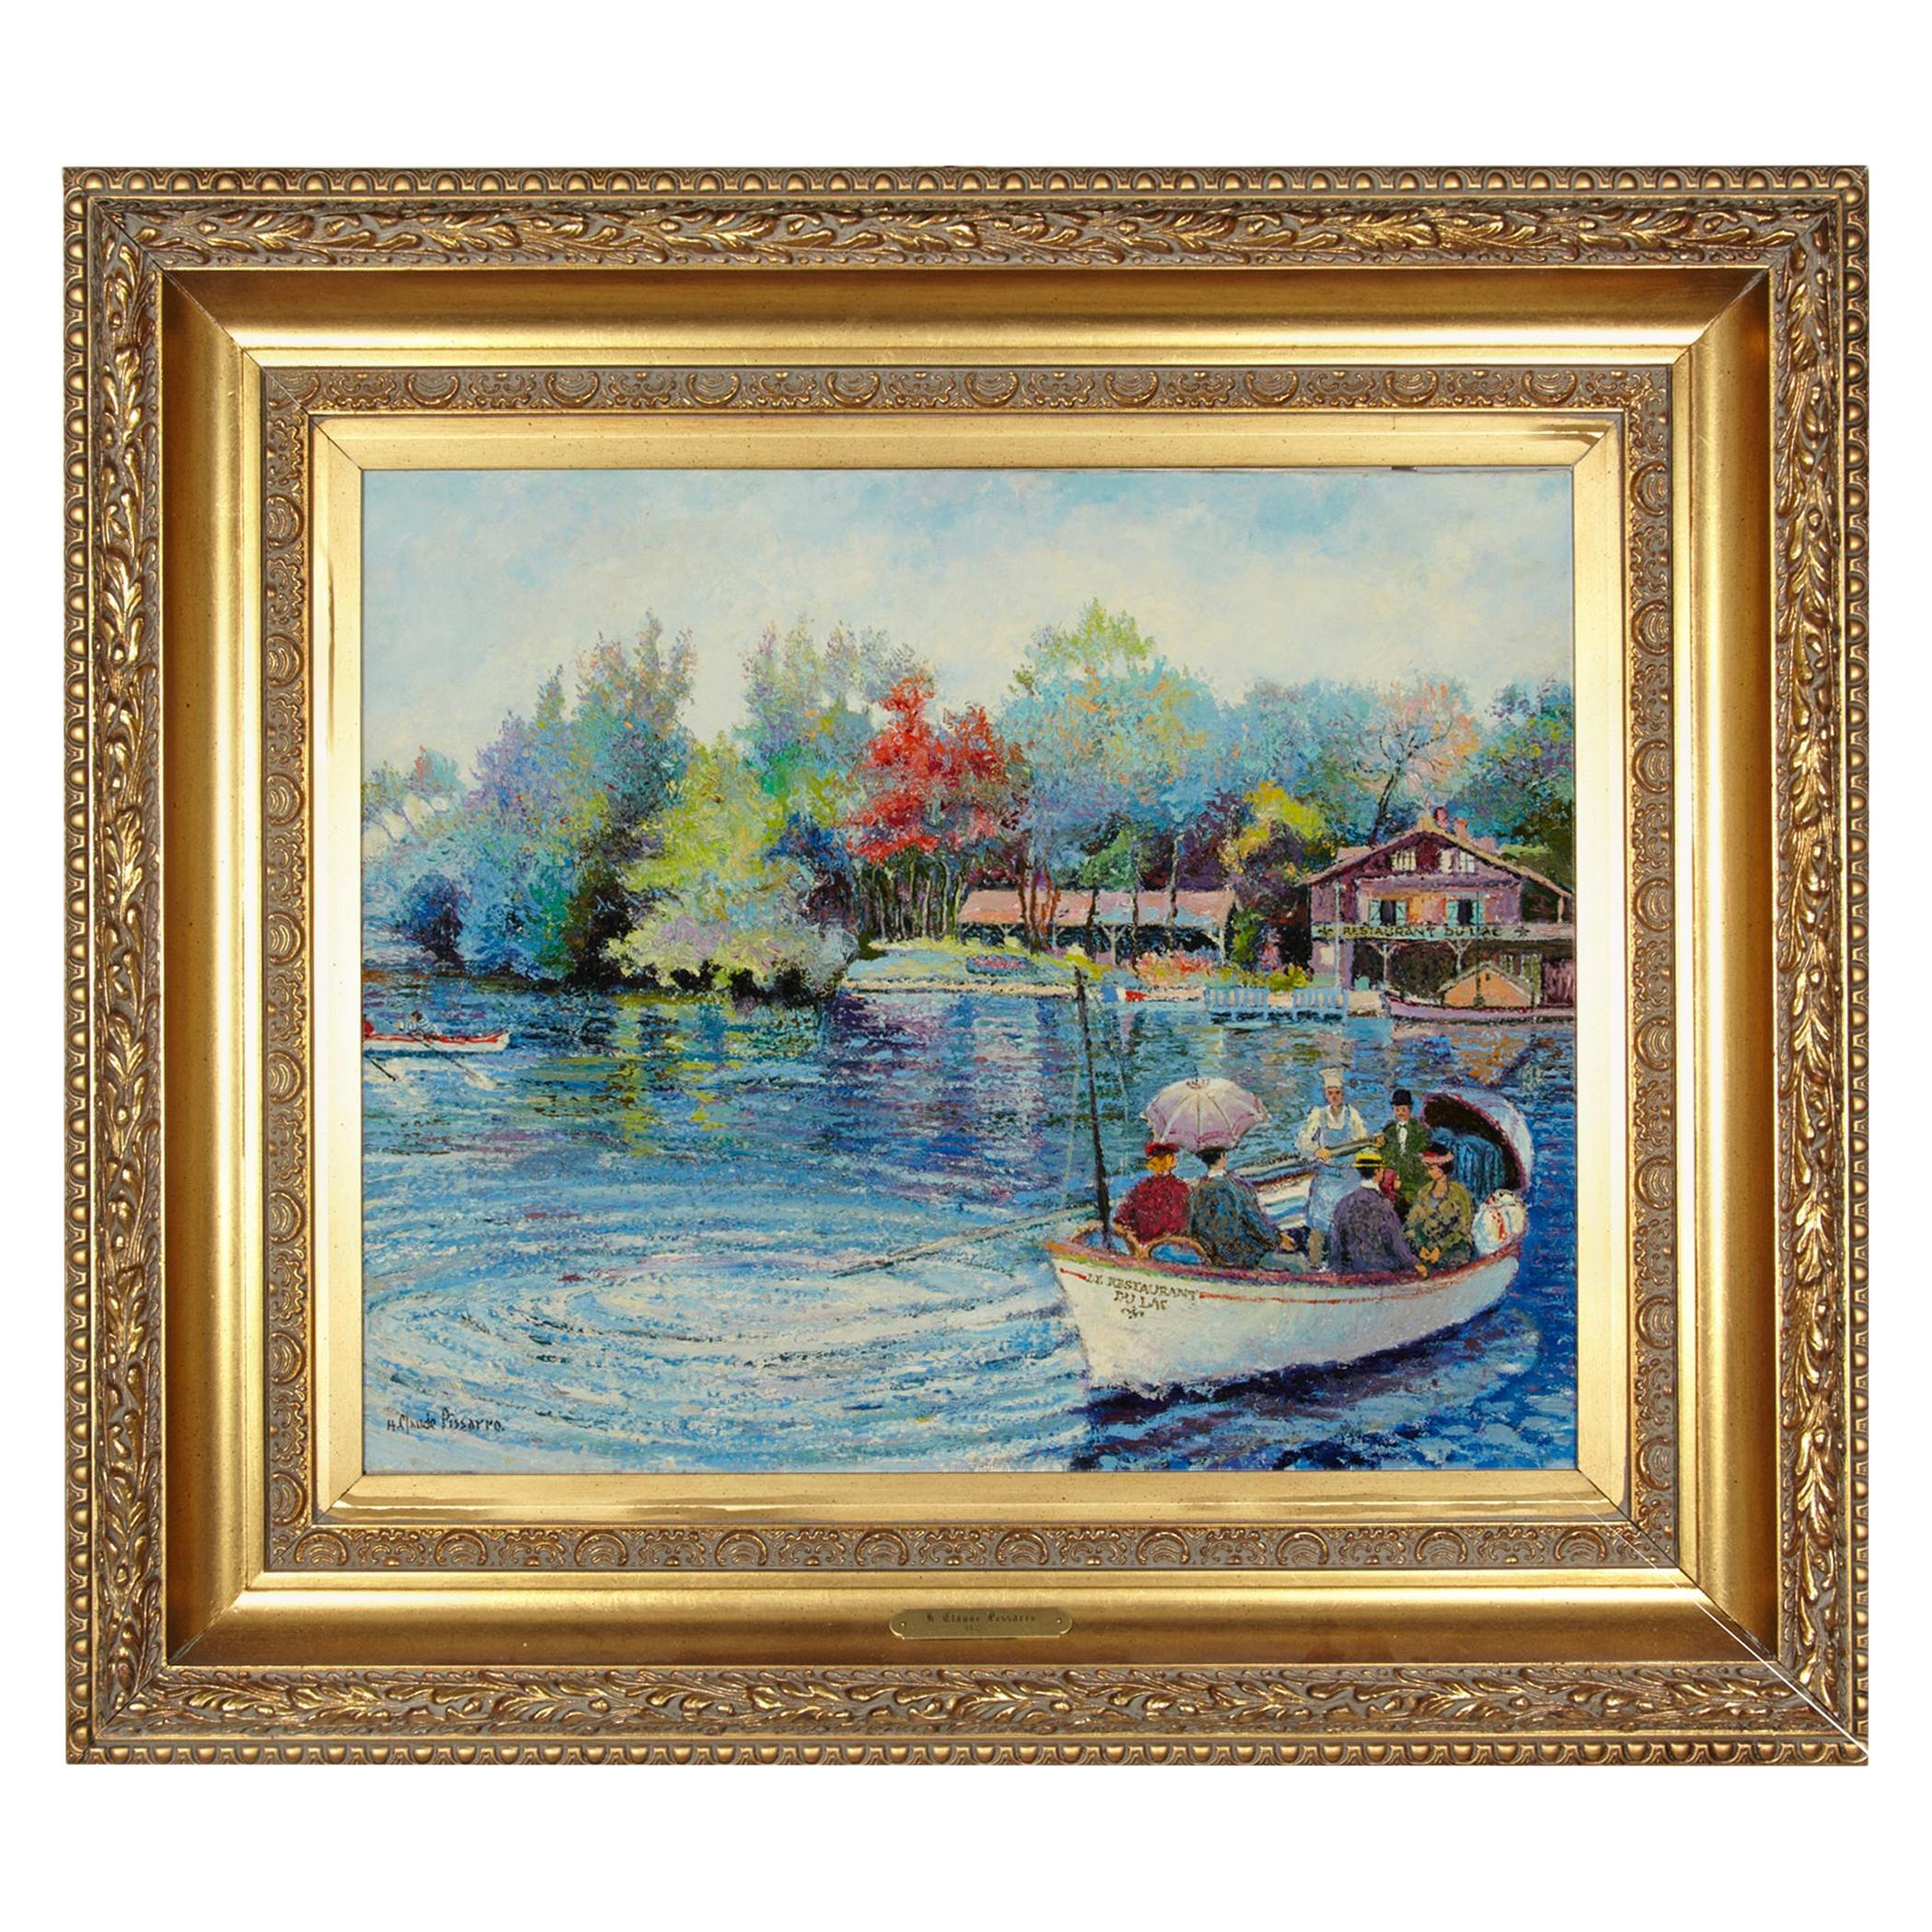 'Le Passeur Du Lac' by Listed Artist H. Claude Pissarro, Oil on Canvas